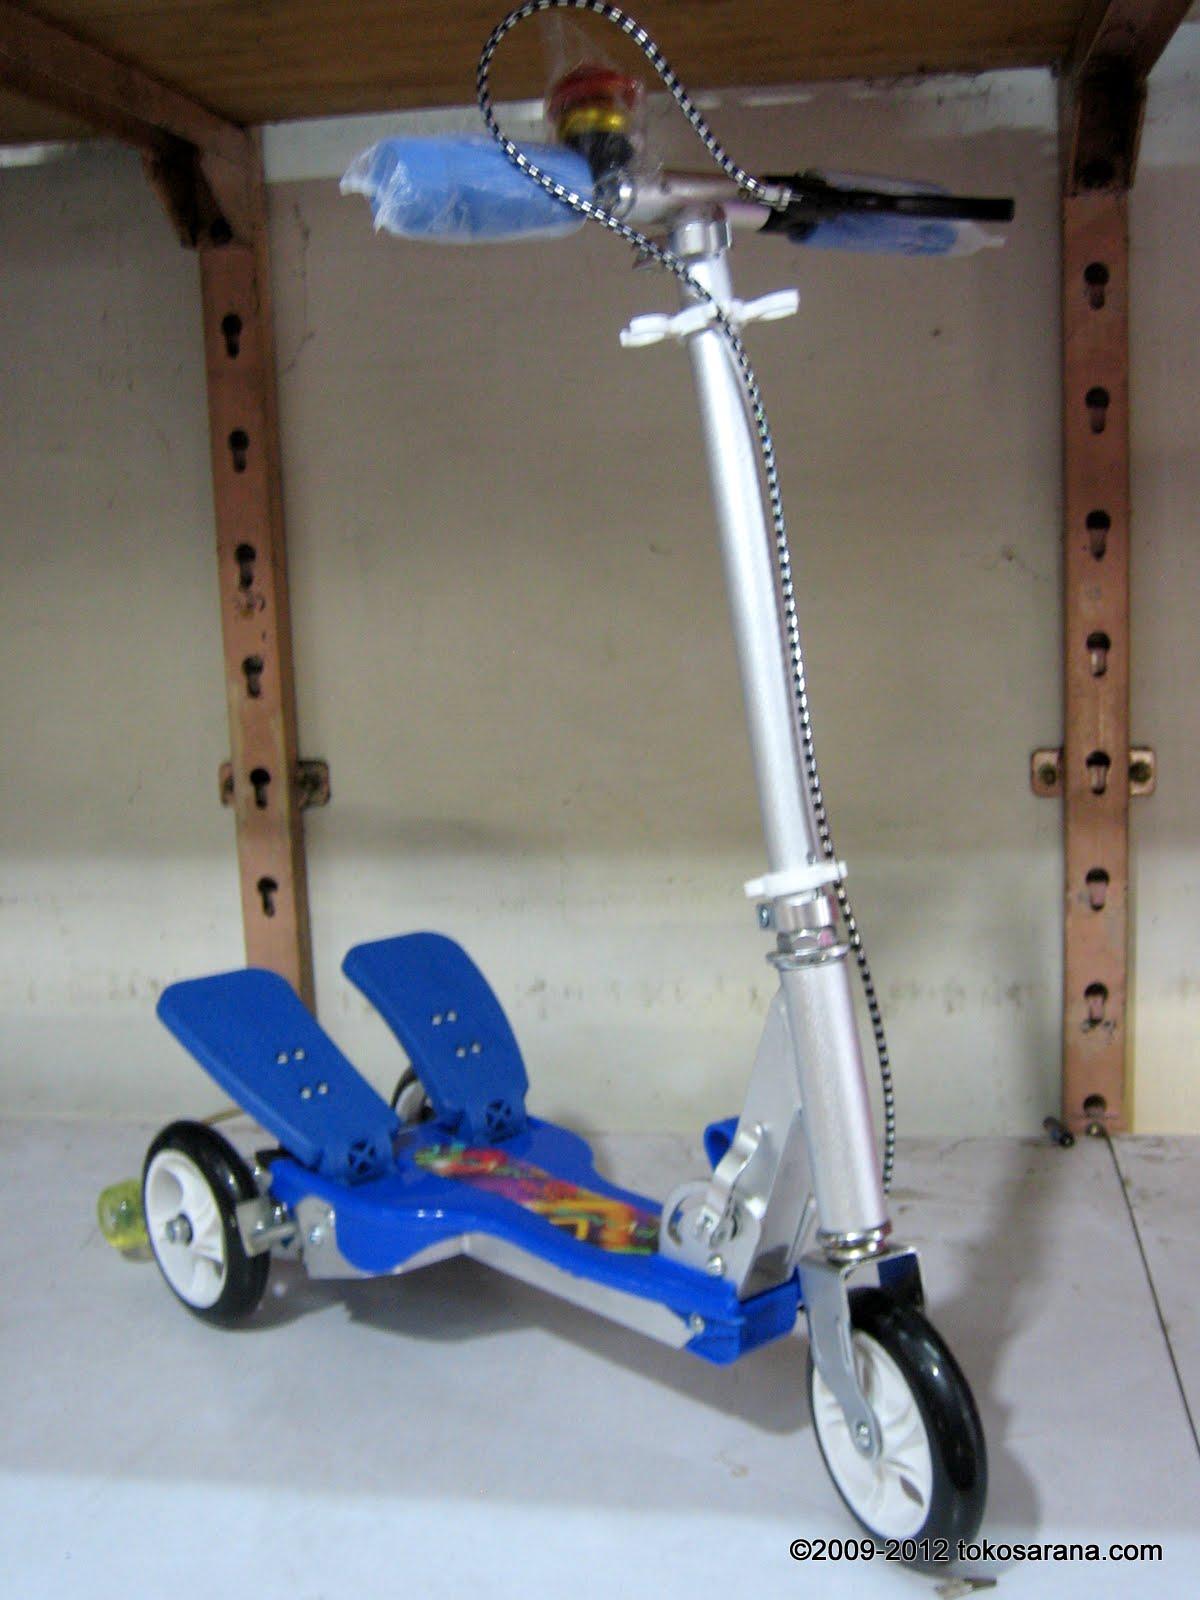 Swing Chair Mudah Are Zero Gravity Chairs Good For Your Back Tokosarana Mahasarana Sukses Advance Ad1001 Luxury